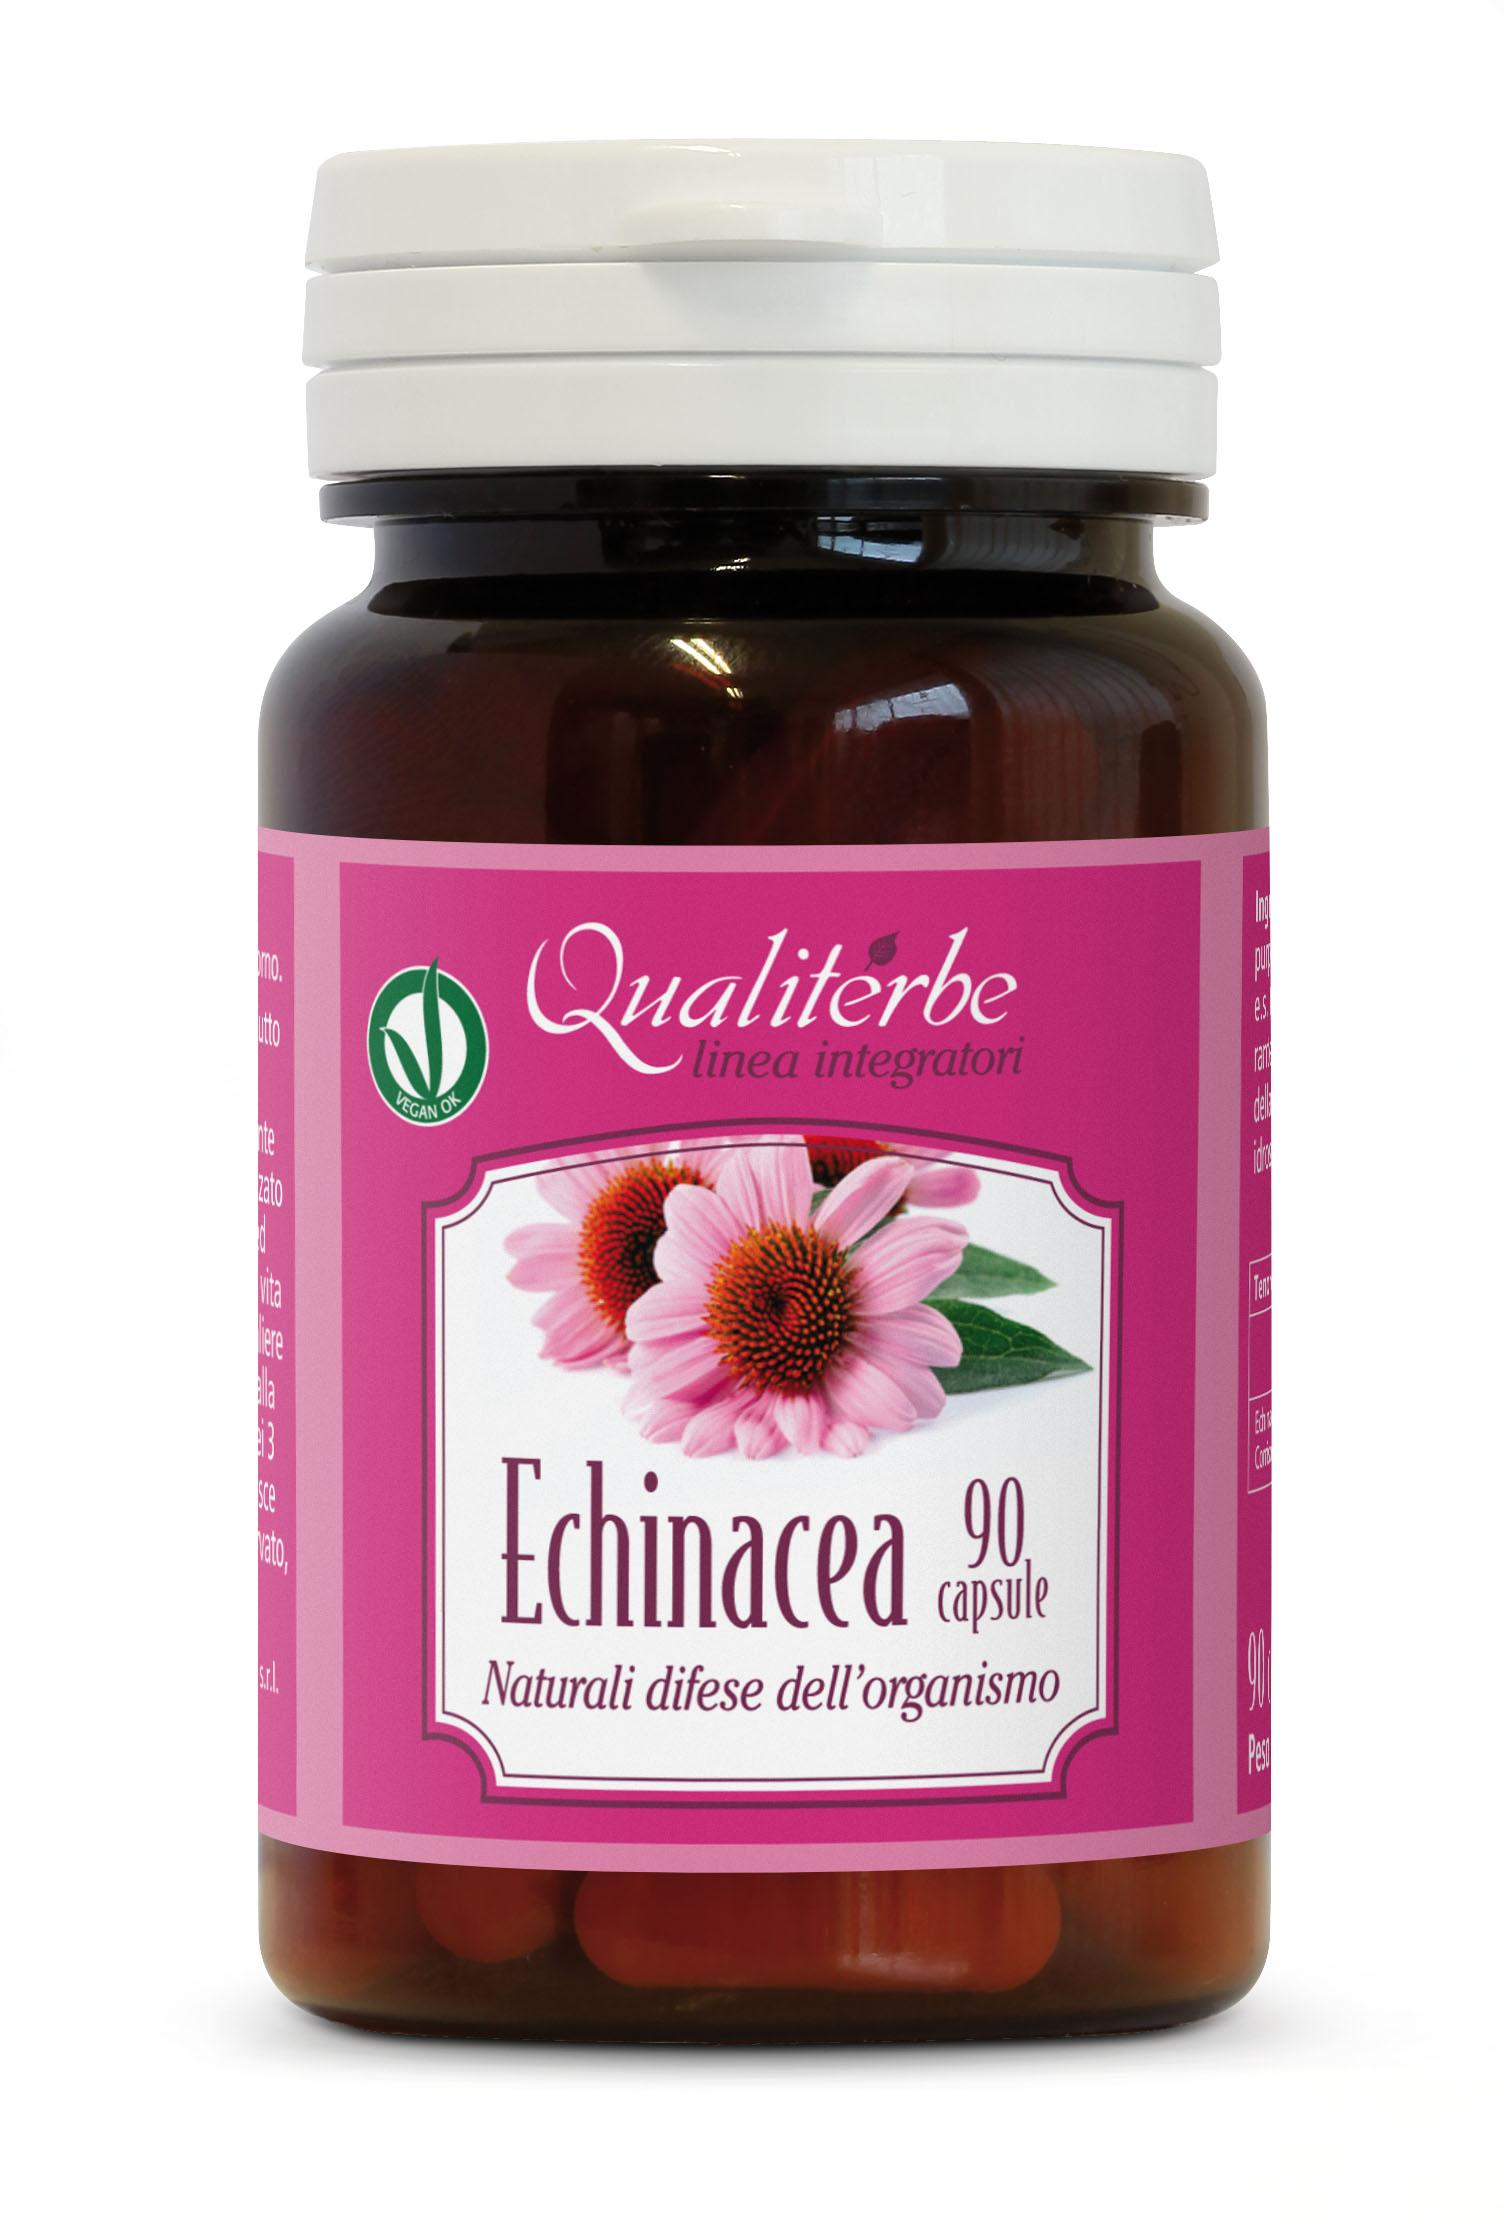 Qualiterbe - Echinacea 90 capsule